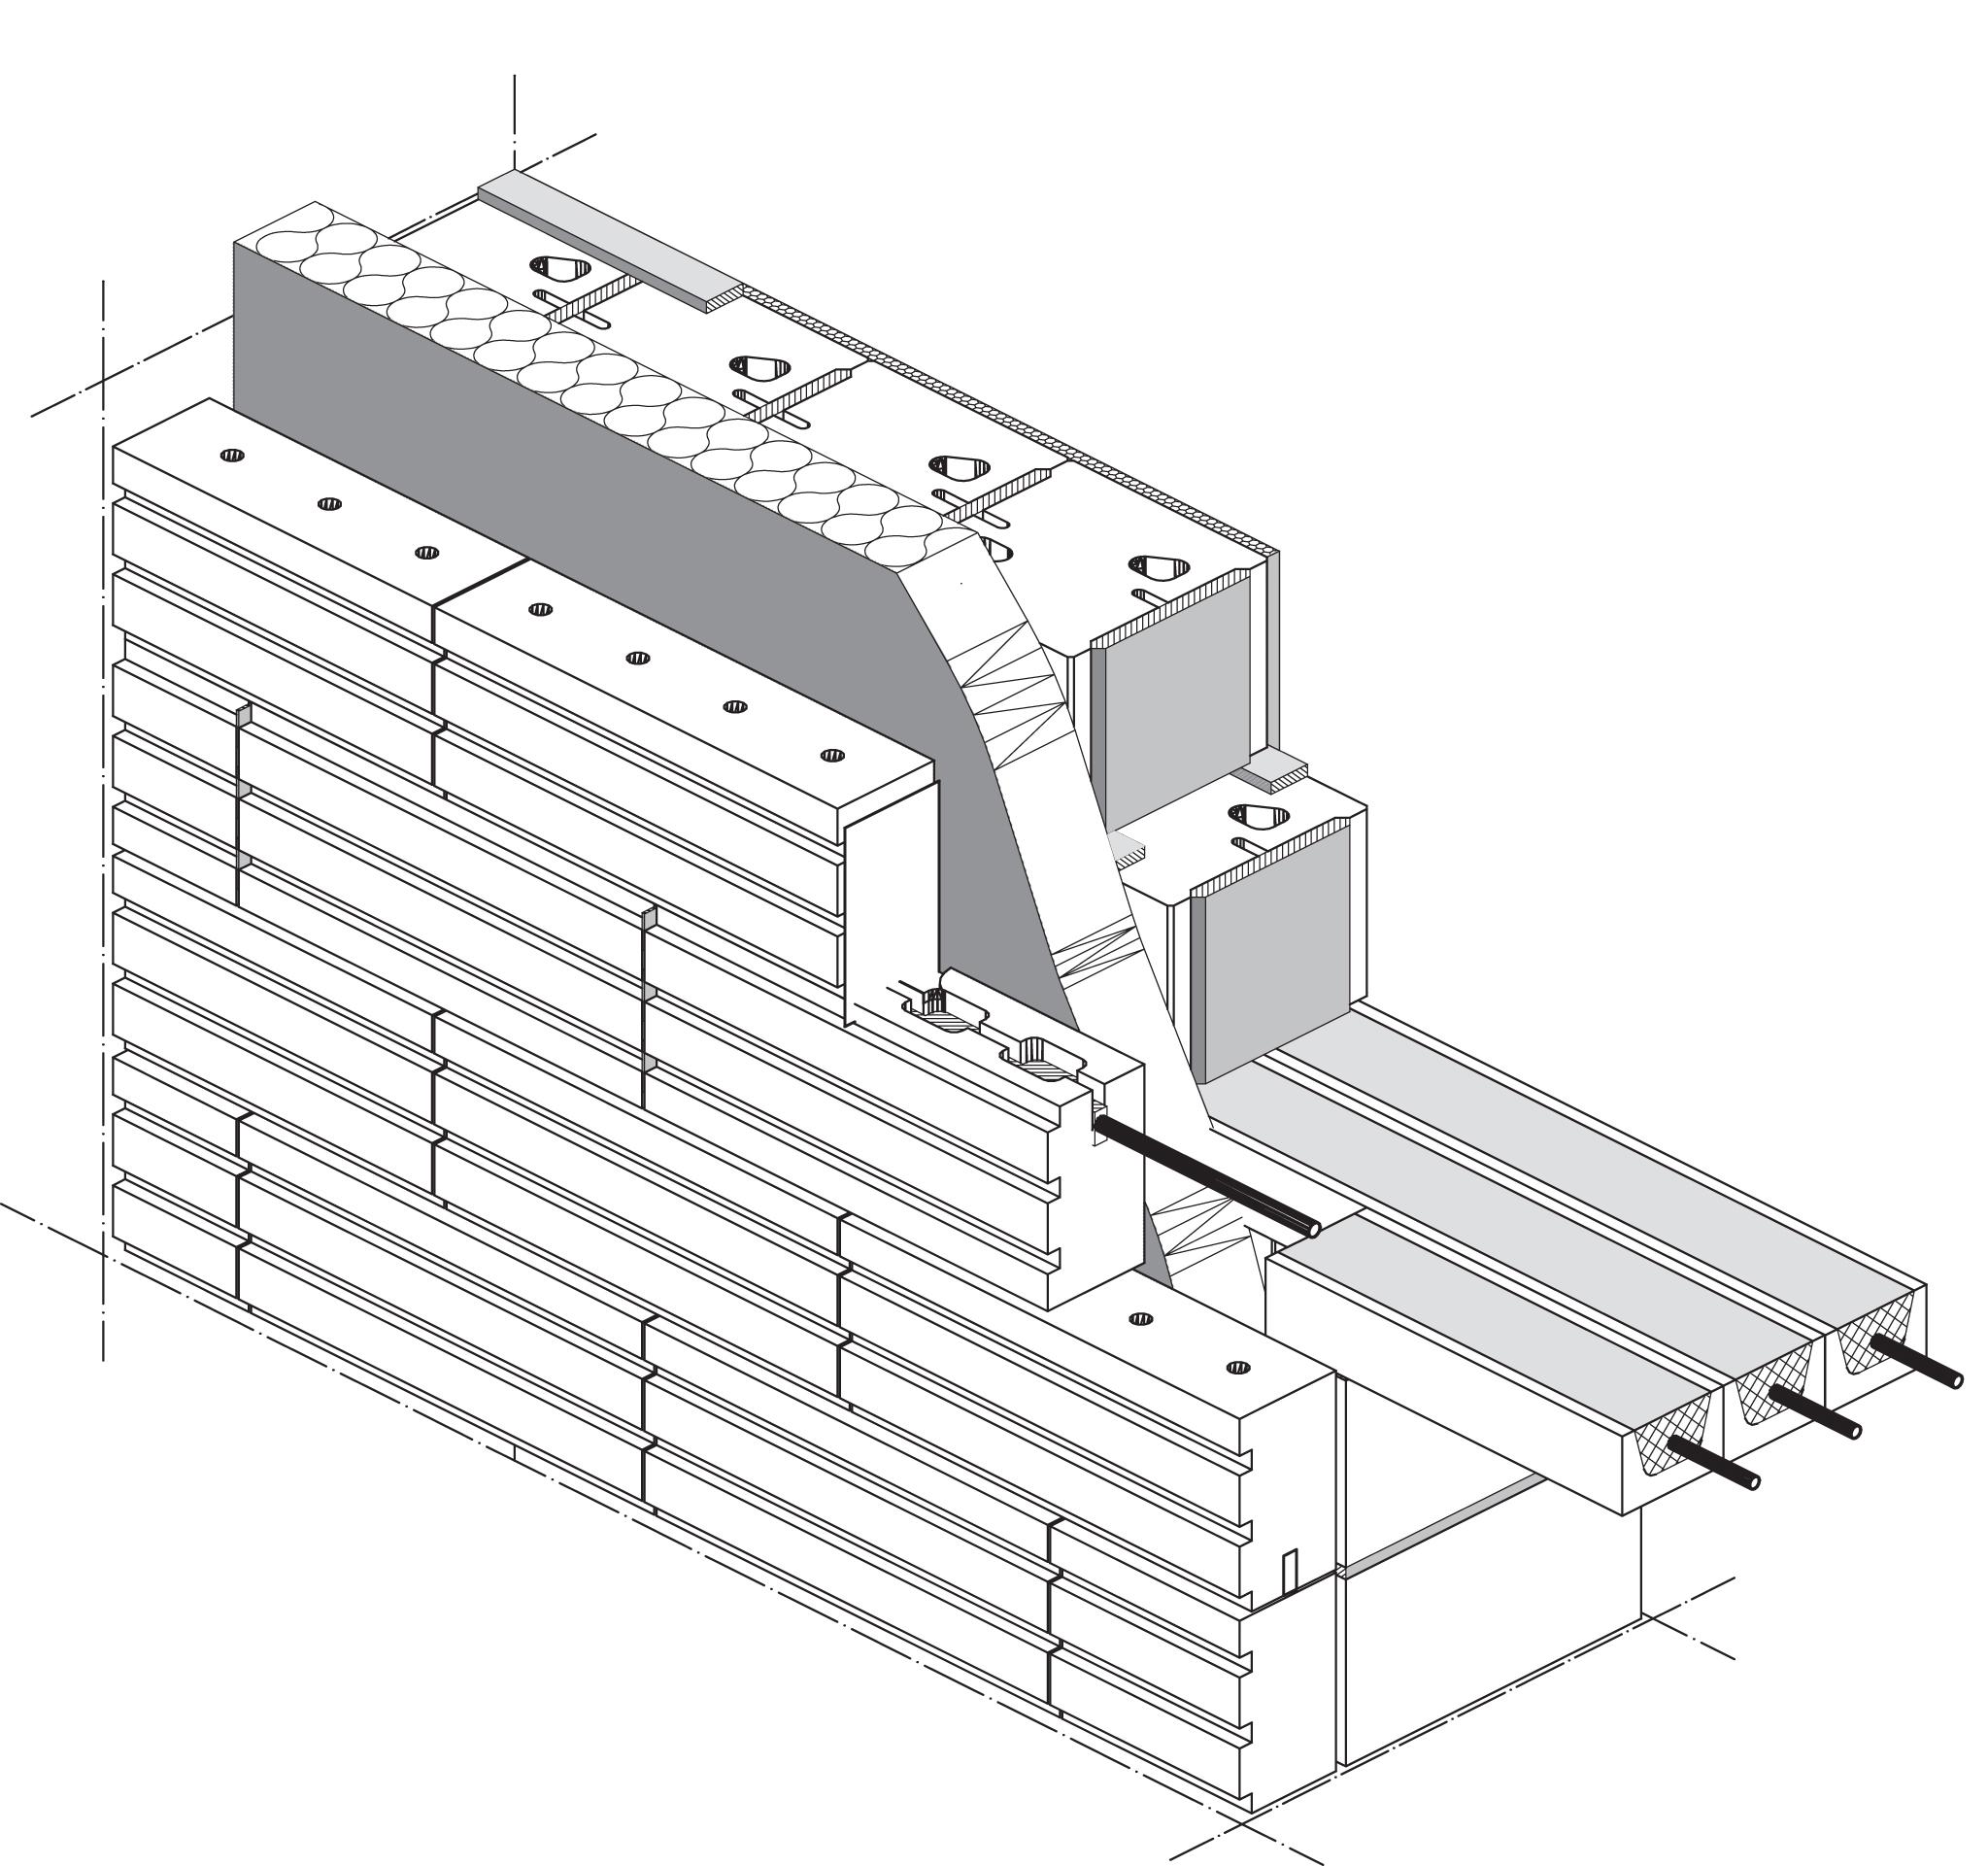 mc114-casa-ypsilon-particolare-costruttivo